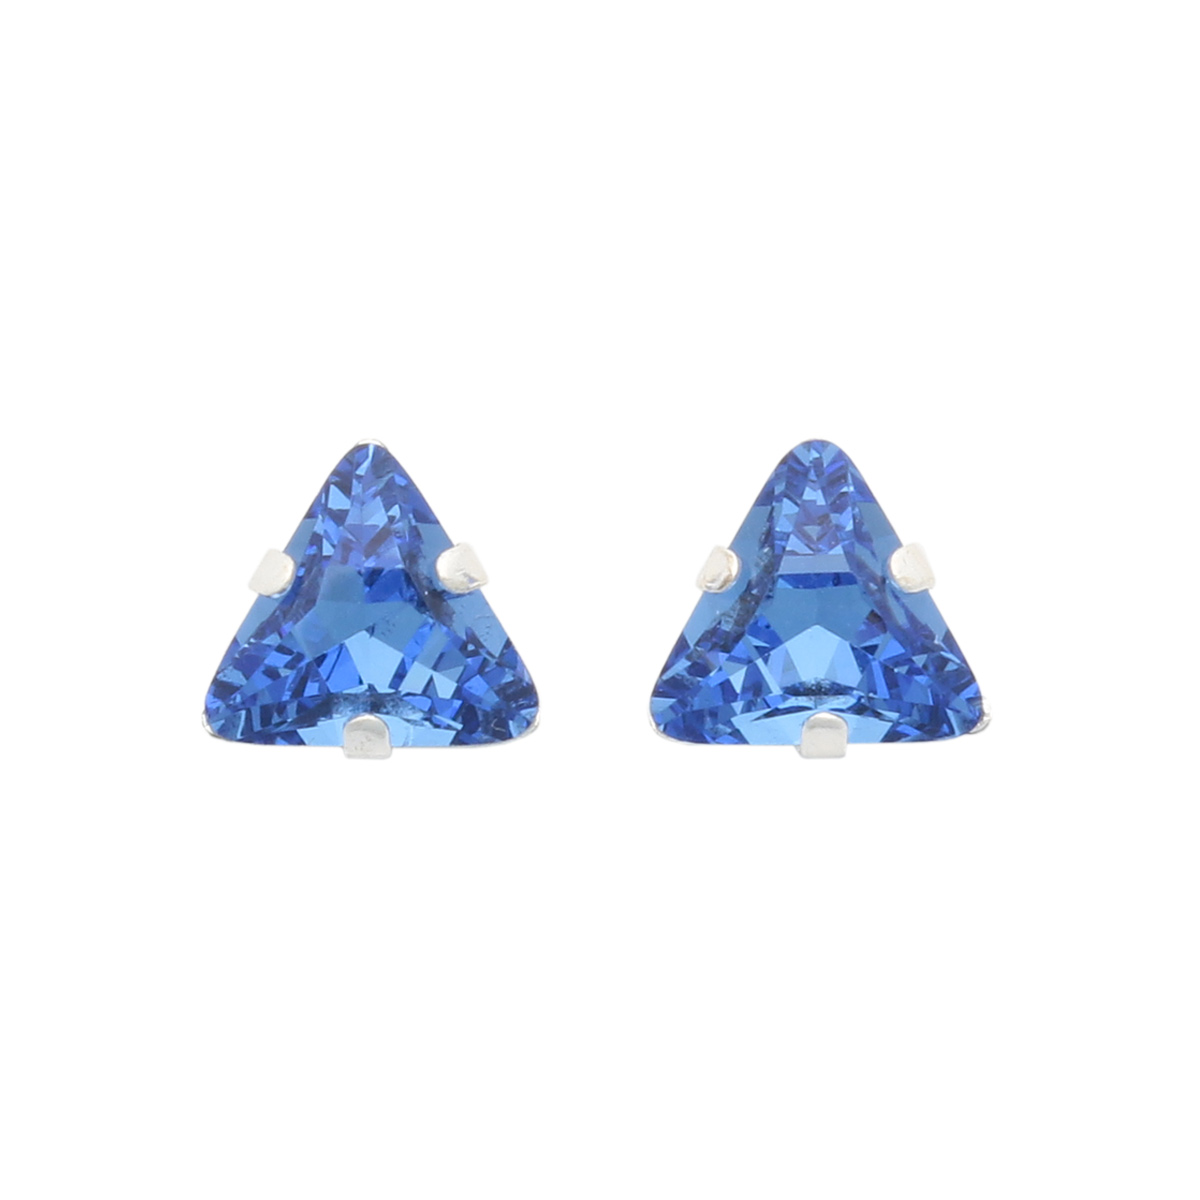 Хрустальные стразы в цапах/серебро треугольные 8мм, 2шт упак Астра